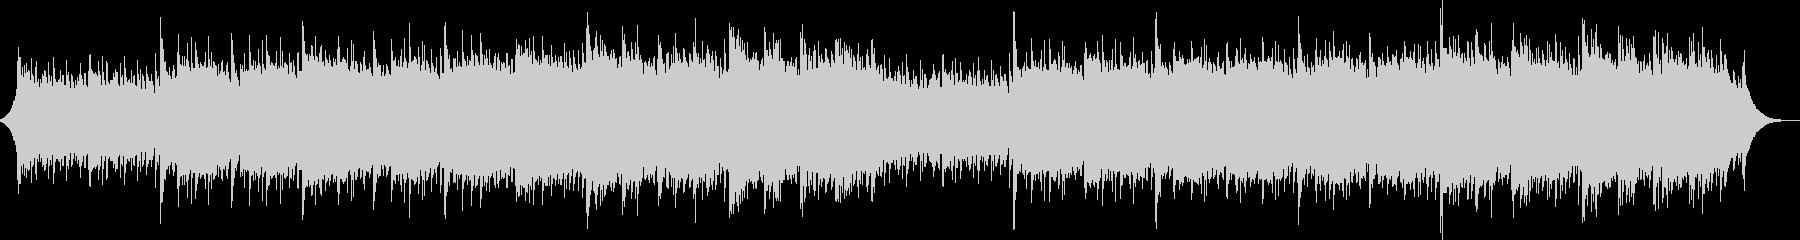 No rhythm's unreproduced waveform